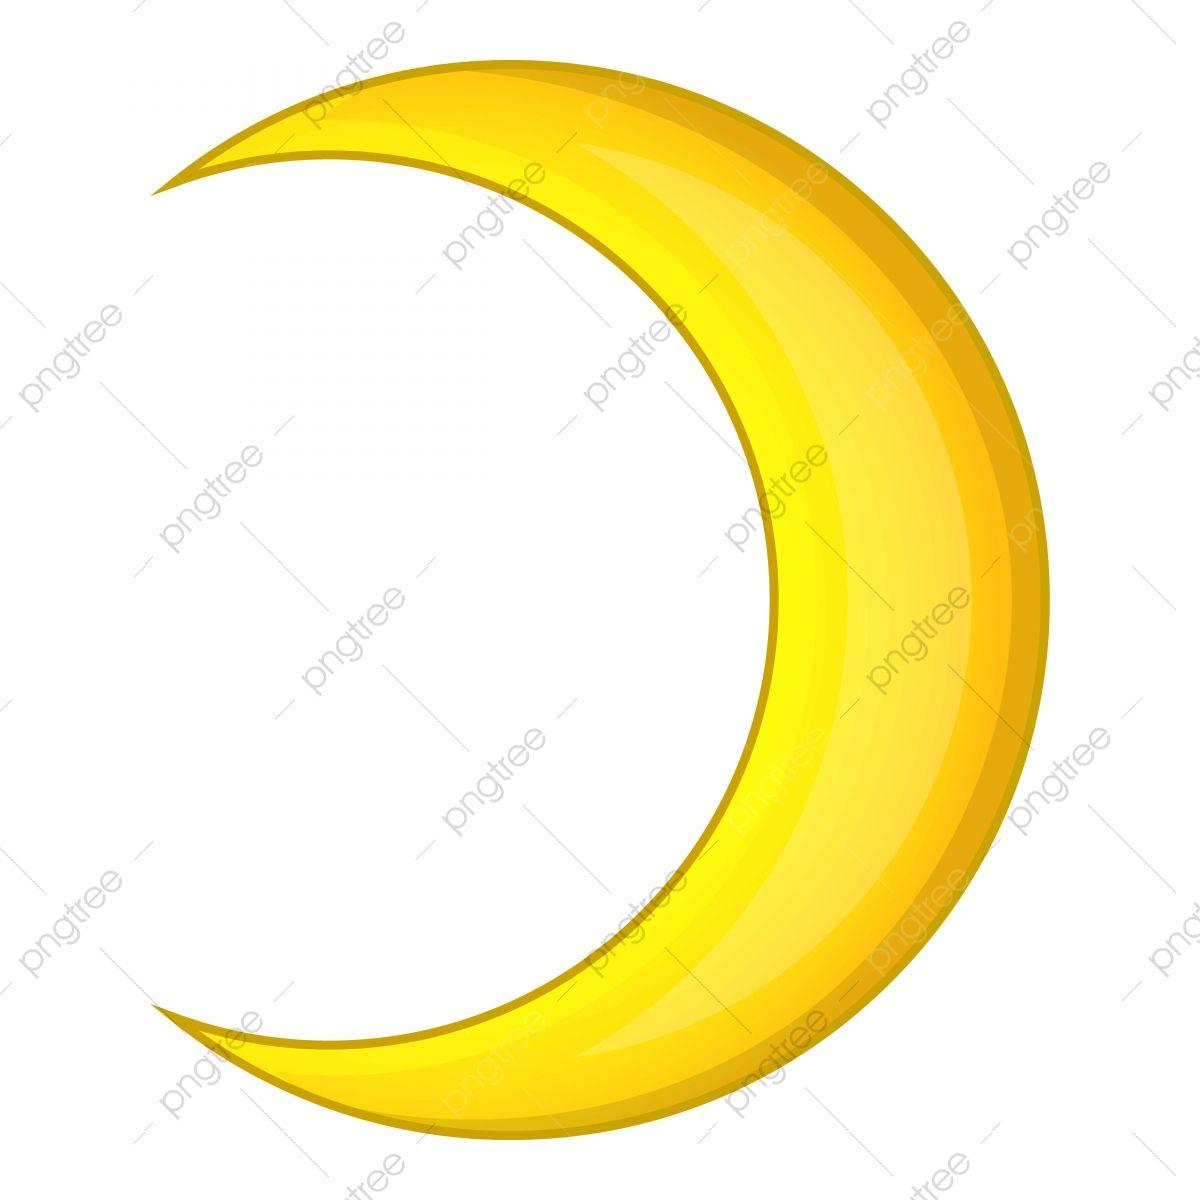 ايقونة هلال القمر الهلال القمر Clipart أيقونات القمر أيقونات النمط Png والمتجهات للتحميل مجانا Moon Icon Cartoon Styles Cv Examples